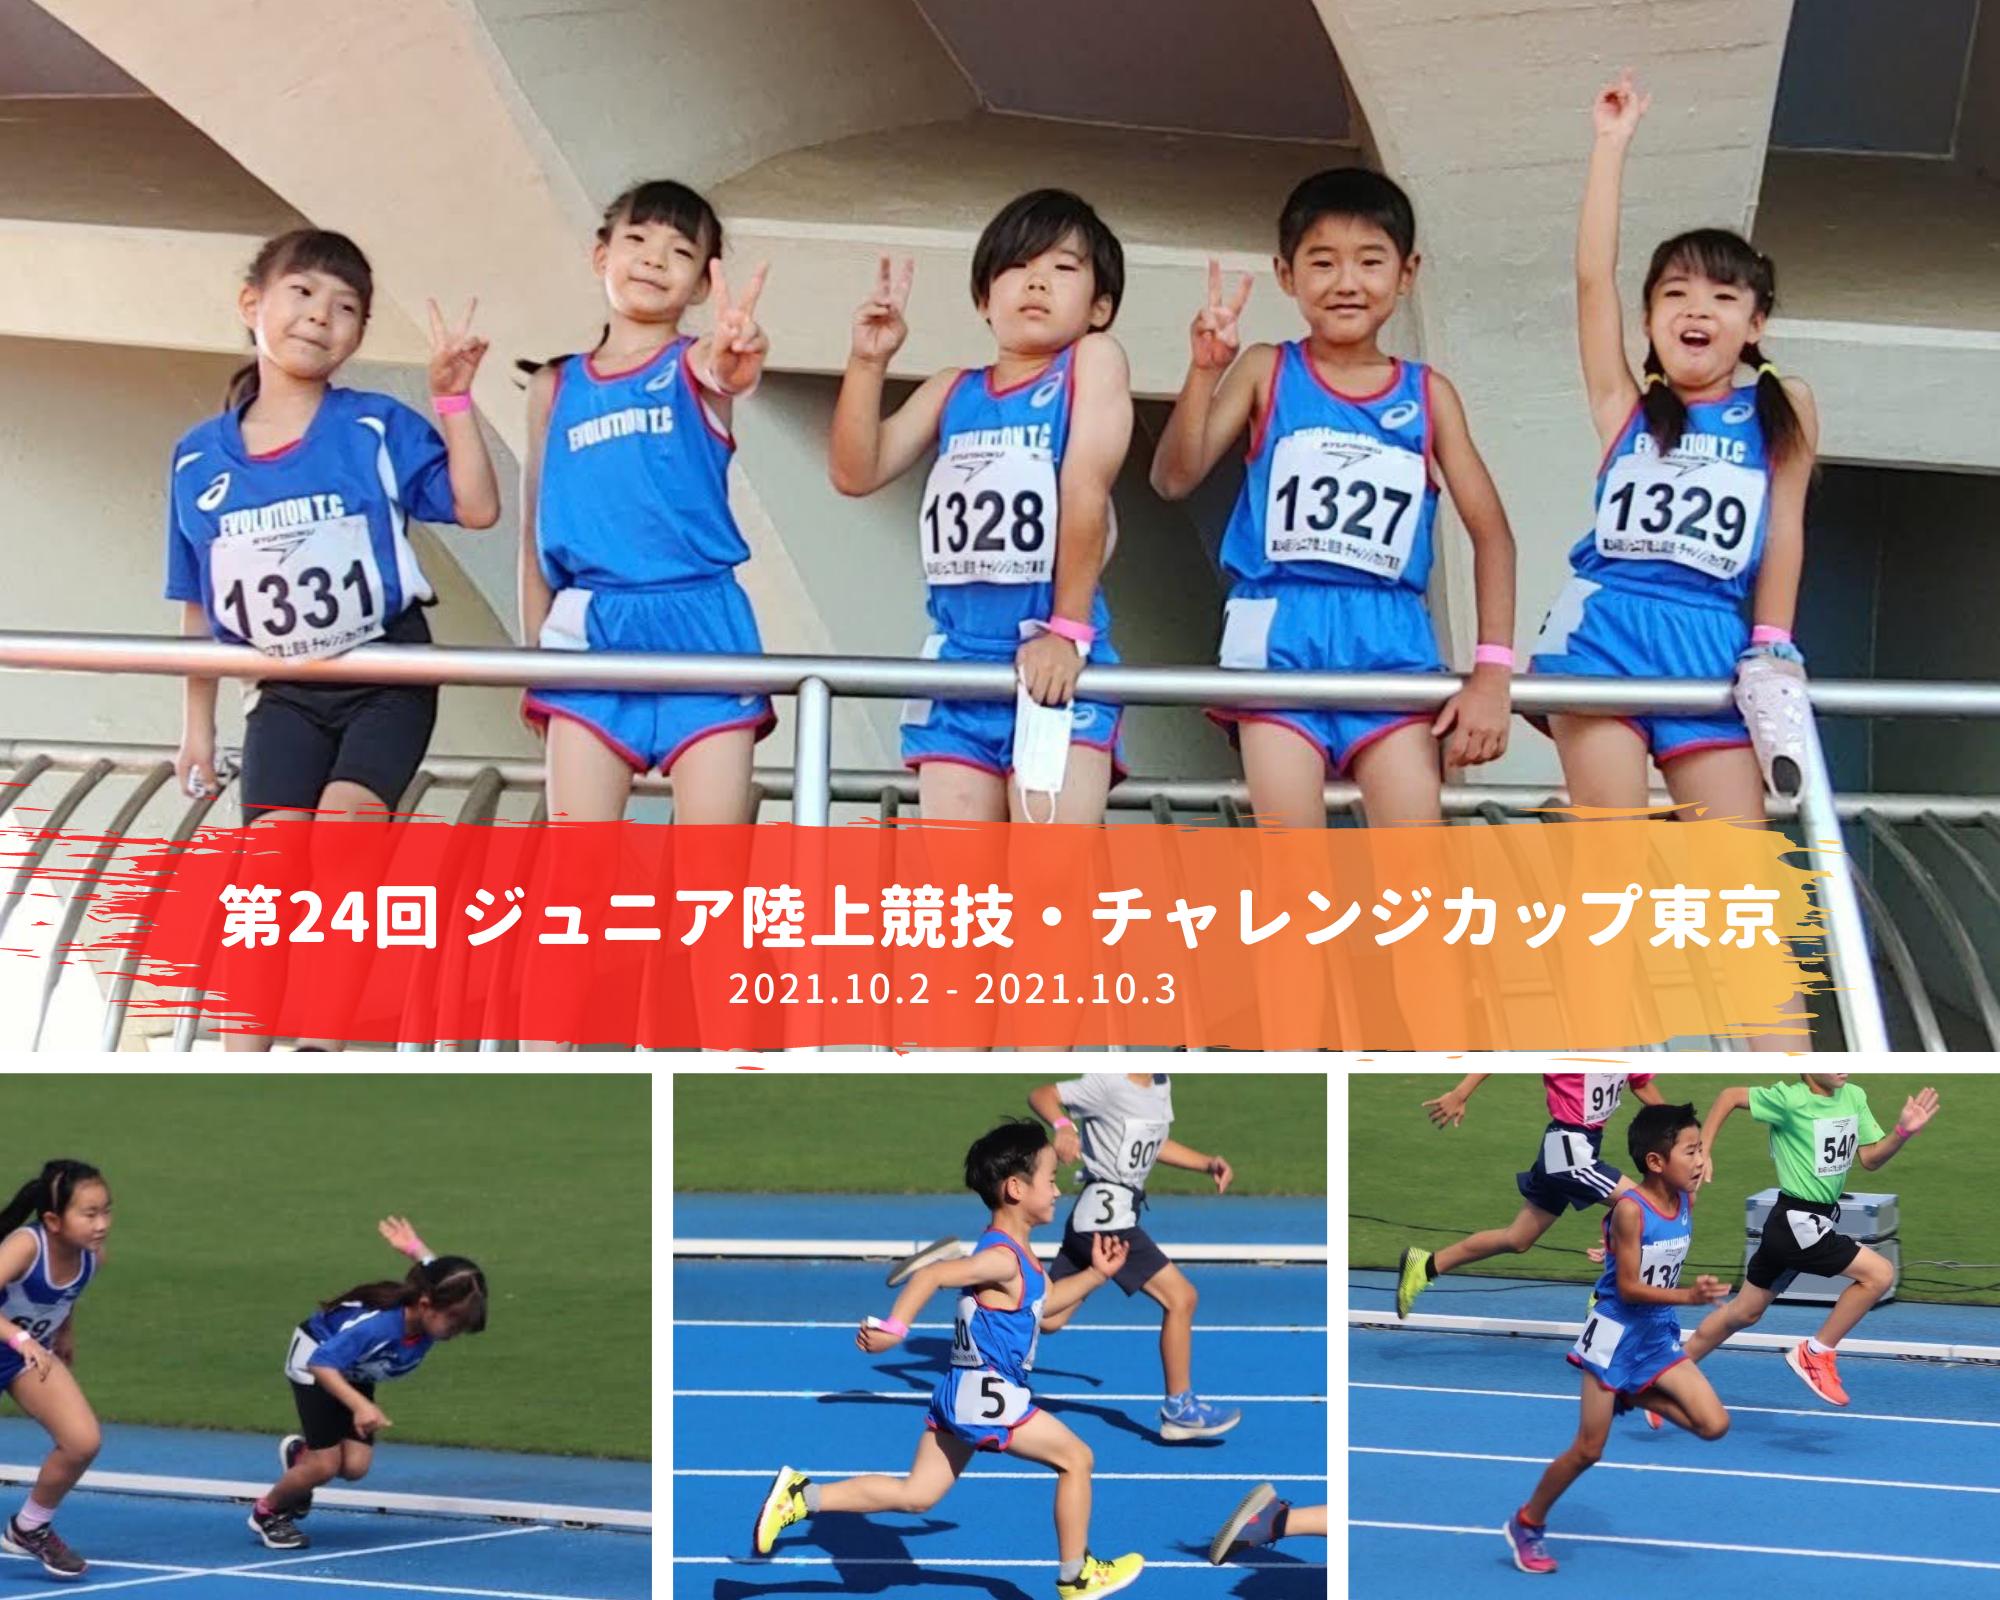 第24回 ジュニア陸上競技・チャレンジカップ東京